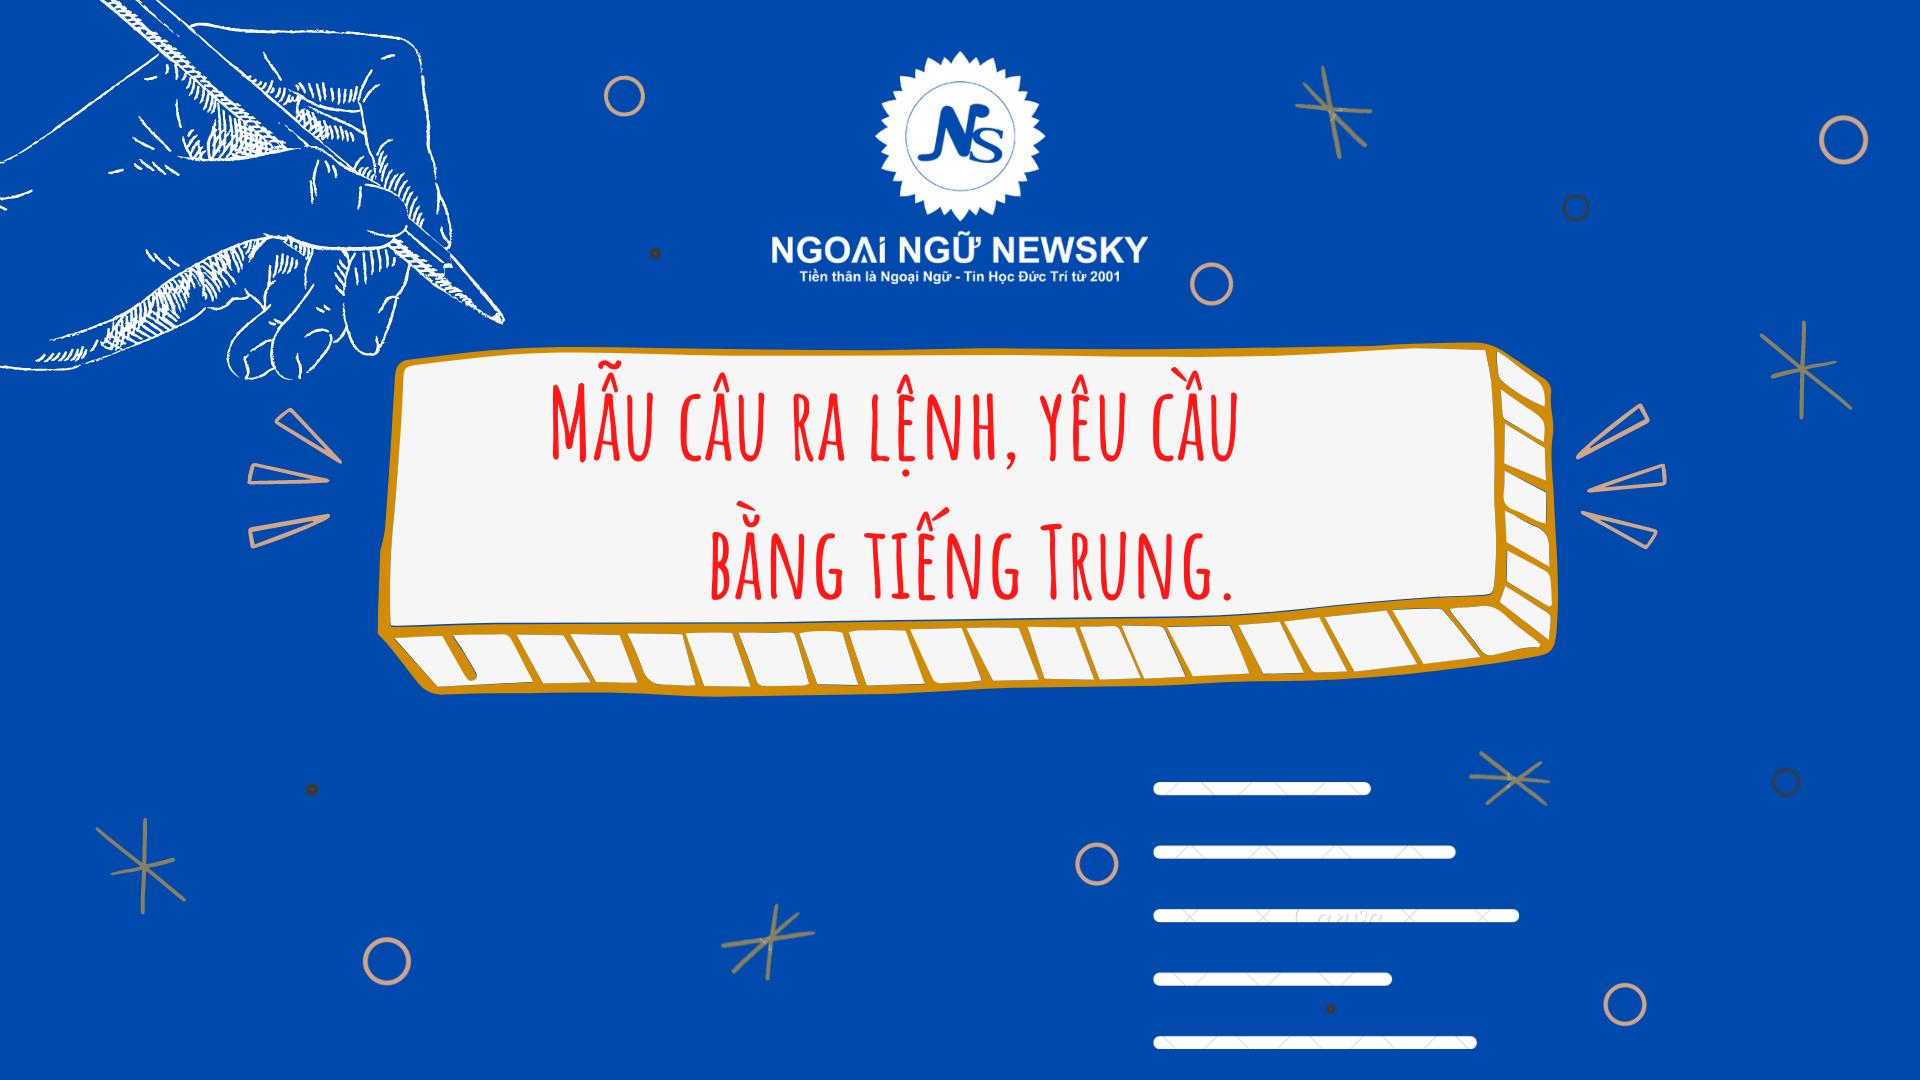 Mẫu câu ra lệnh, yêu cầu bằng tiếng Trung.